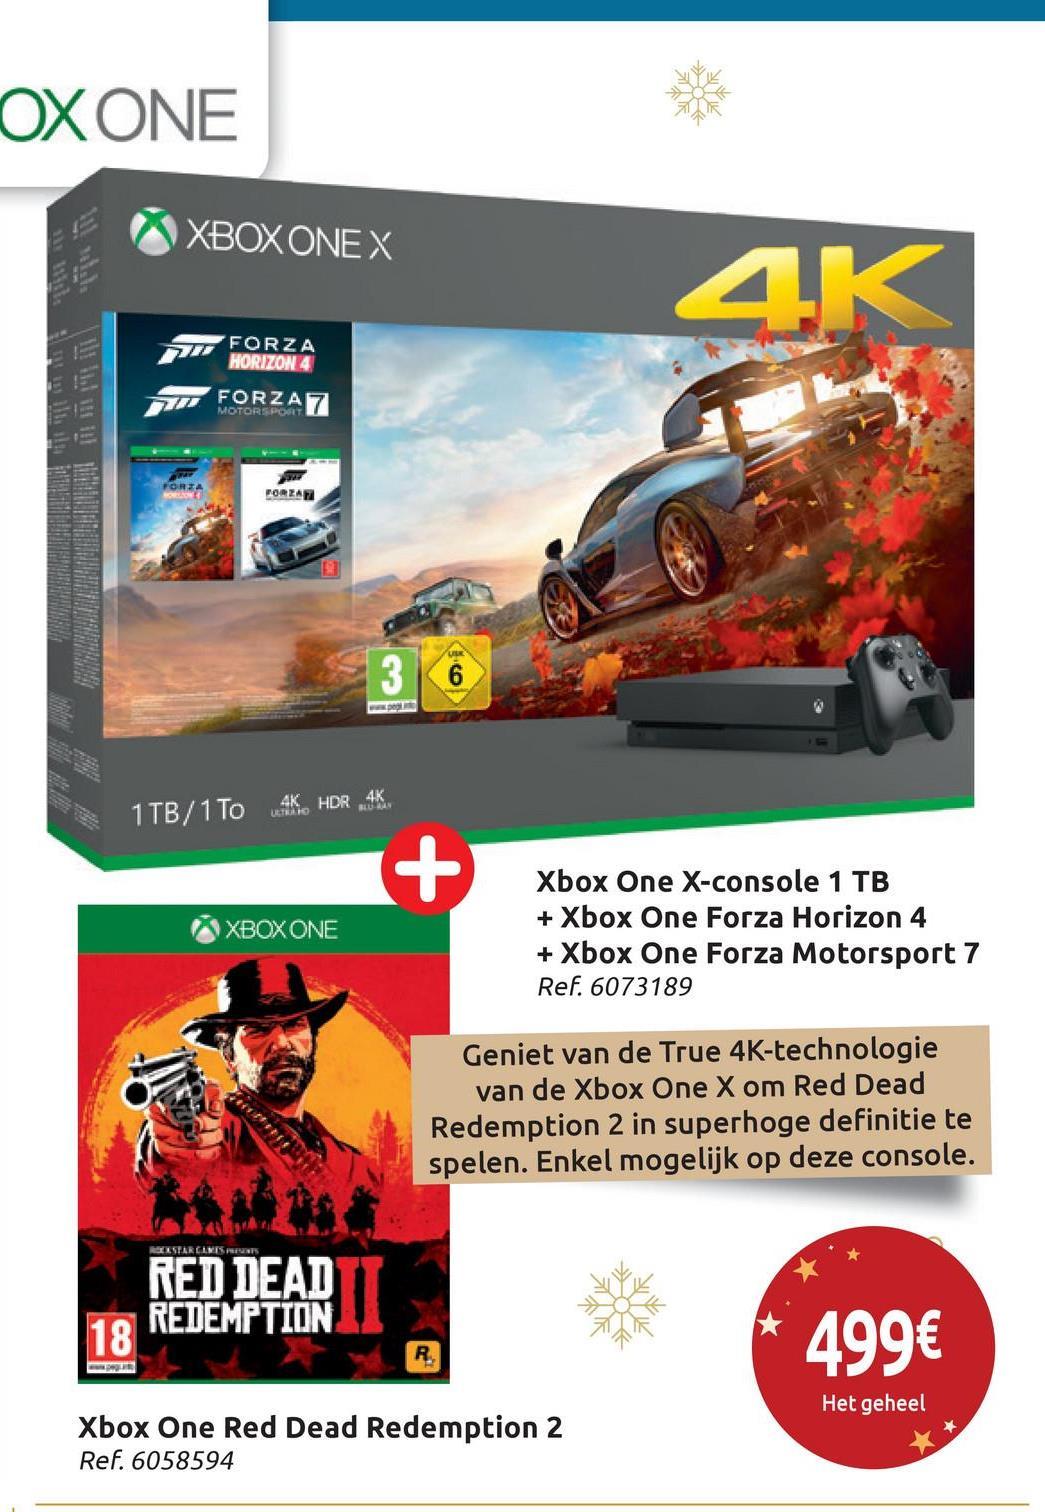 """OXONE XBOX ONE X 2 FORZA HORIZON 4 FORZA 7 MOTORSPORT FORZARI G 1TB/1TOAK HDRAK XBOX ONE Xbox One X-console 1 TB + Xbox One Forza Horizon 4 + Xbox One Forza Motorsport 7 Ref. 6073189 Geniet van de True 4K-technologie van de Xbox One X om Red Dead Redemption 2 in superhoge definitie te spelen. Enkel mogelijk op deze console. SILSTAR CINTA VA RED DEAD REDEMPTION 18"""" * 499€ Het geheel Xbox One Red Dead Redemption 2 Ref. 6058594"""